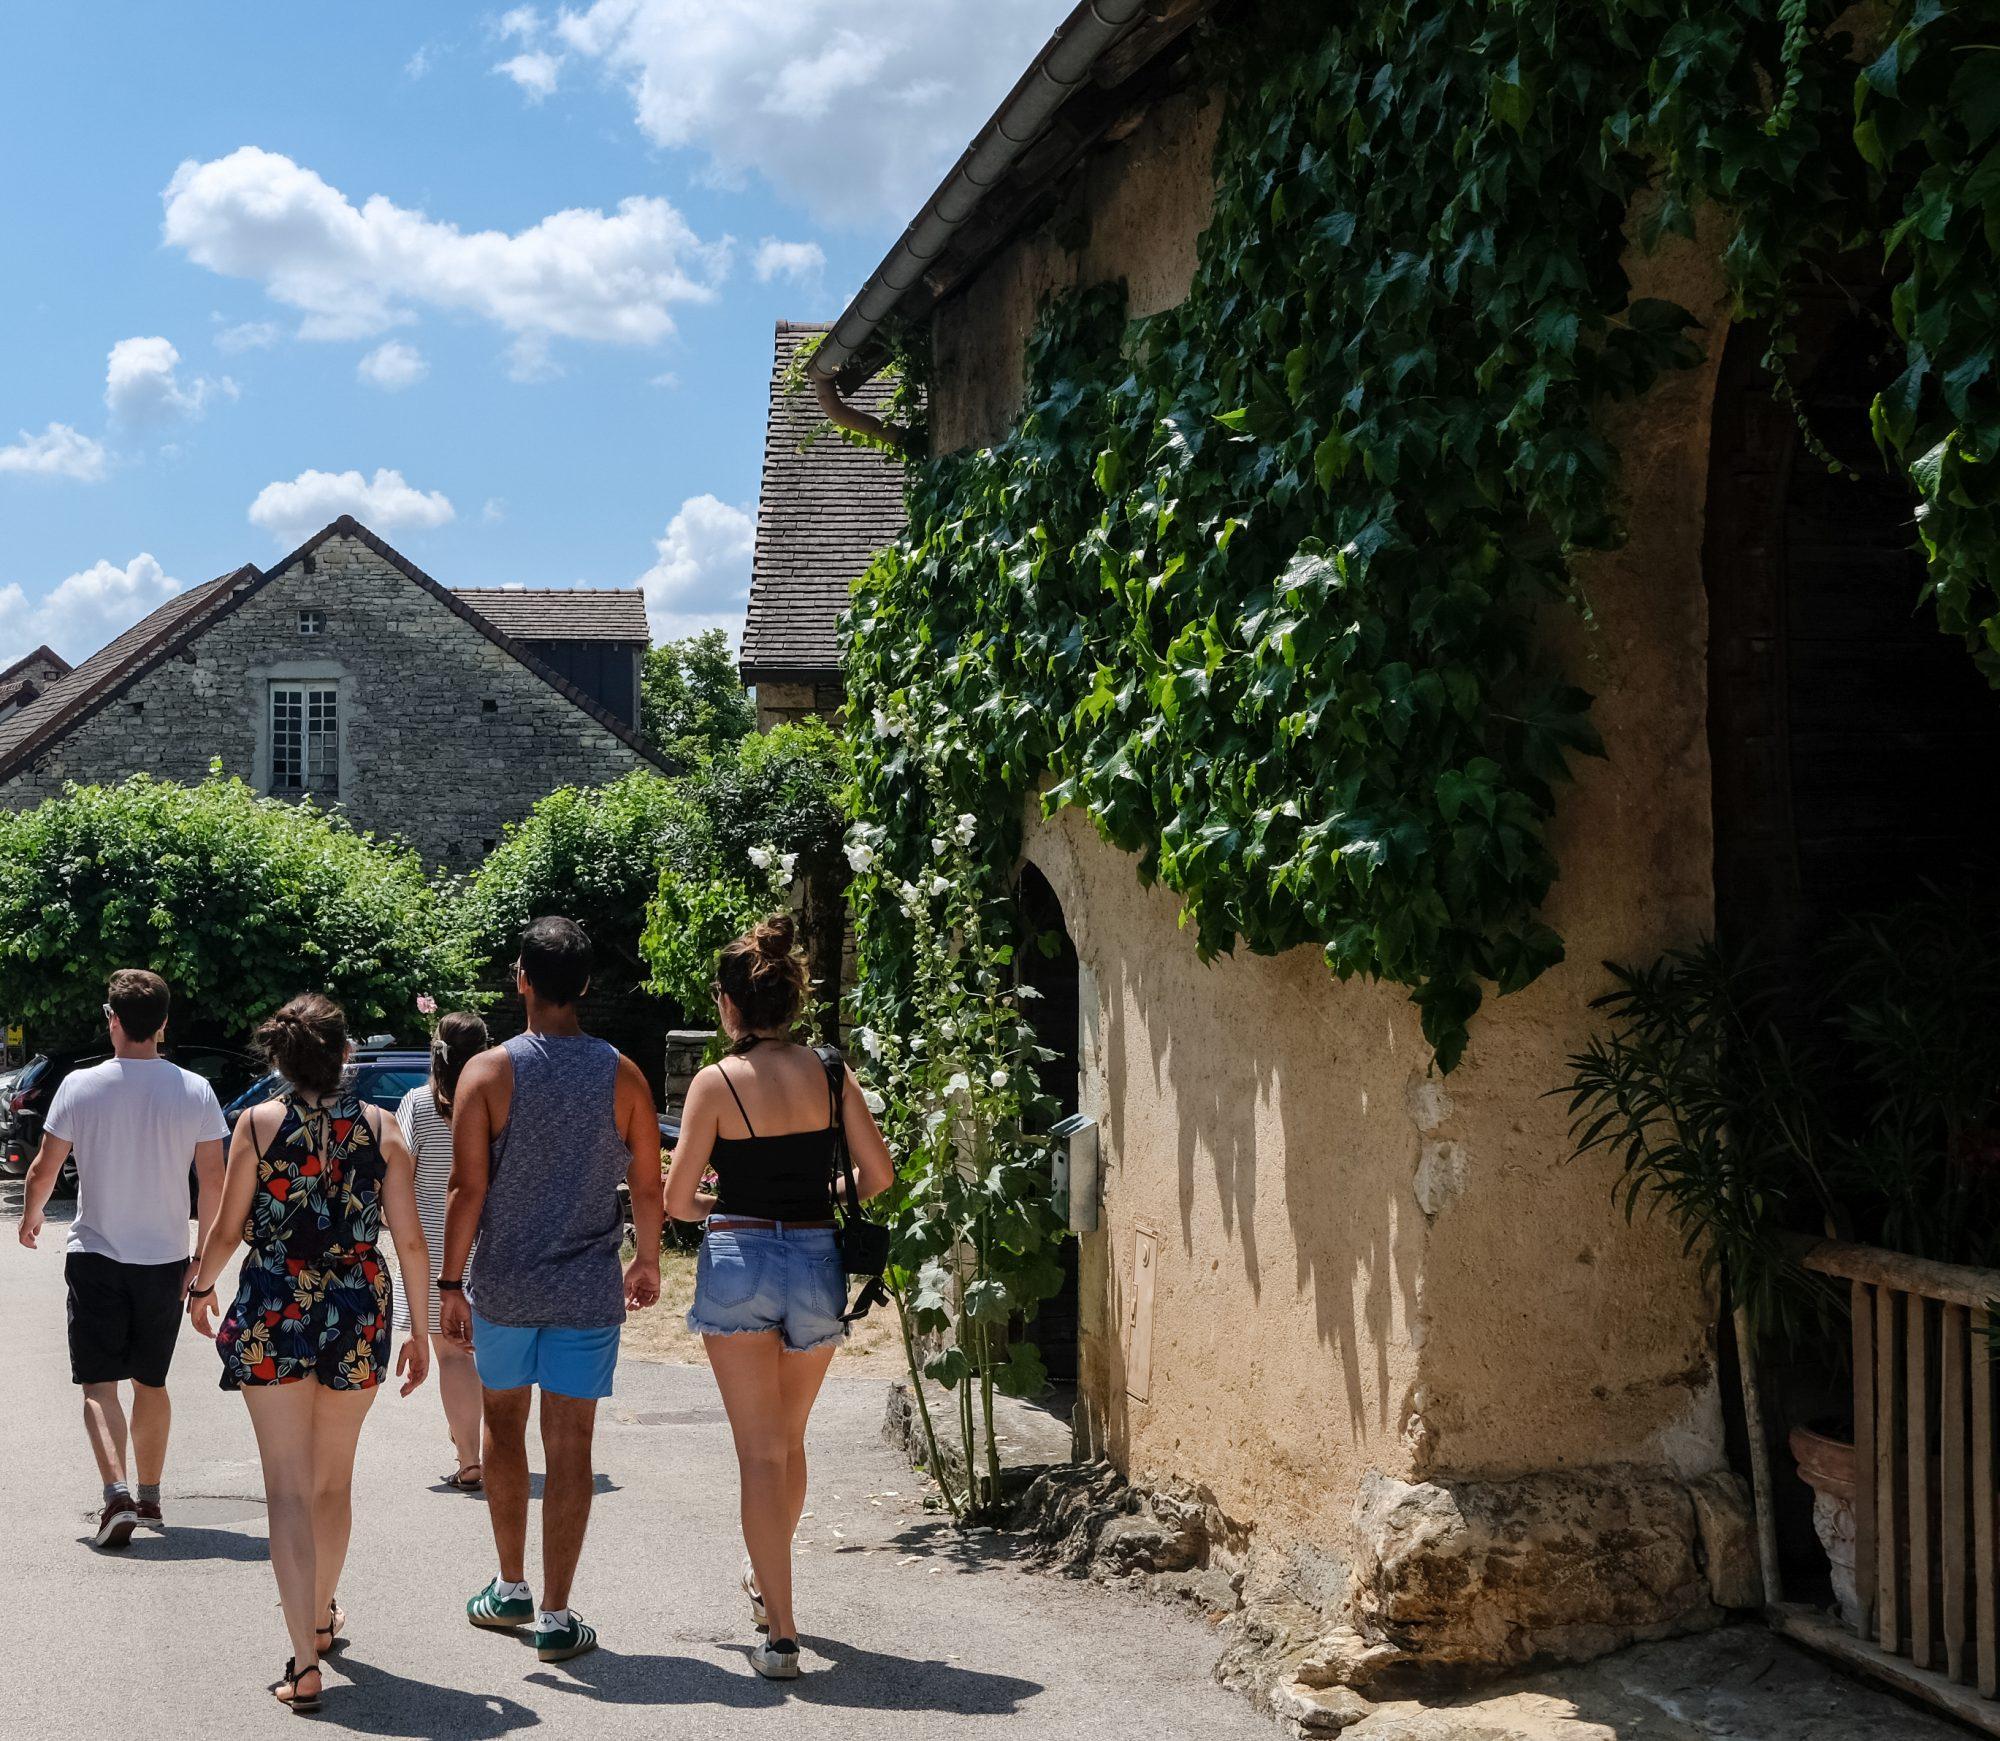 Les copains - Chateau-Chalon, Jura